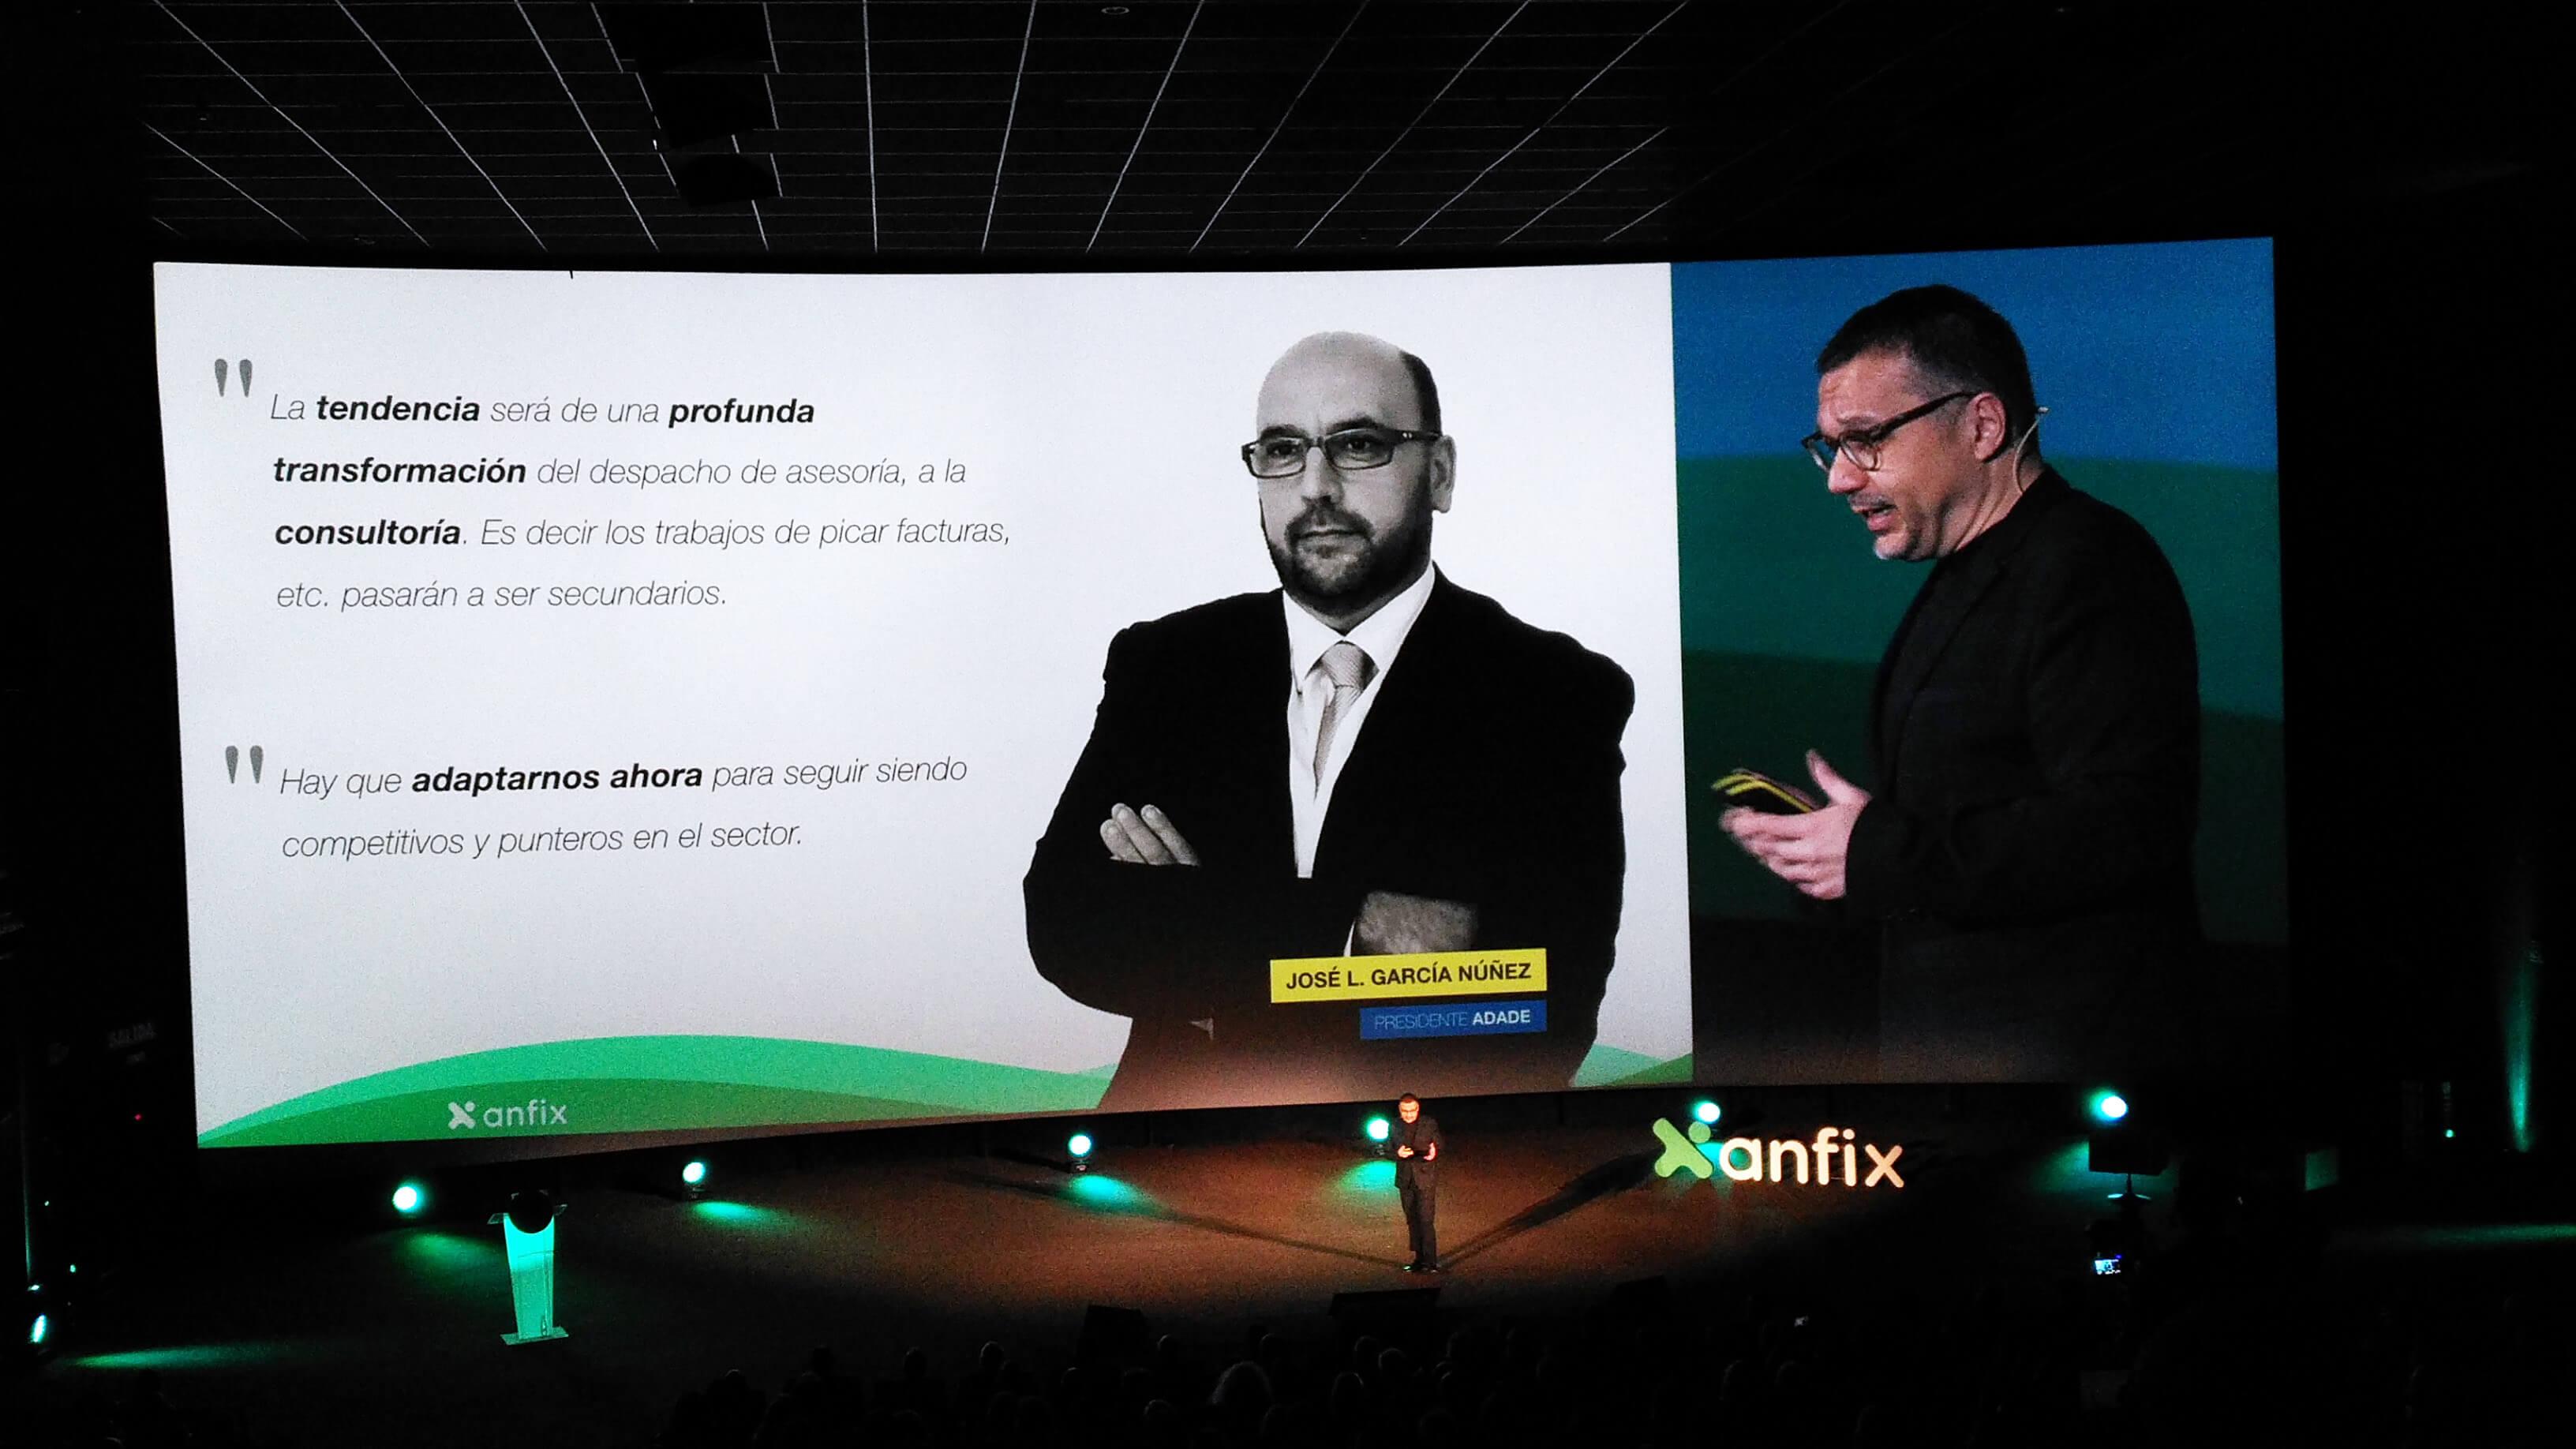 El Grupo Asesor ADADE/E-Consulting Patrocina El Evento Anfixconnect 2019